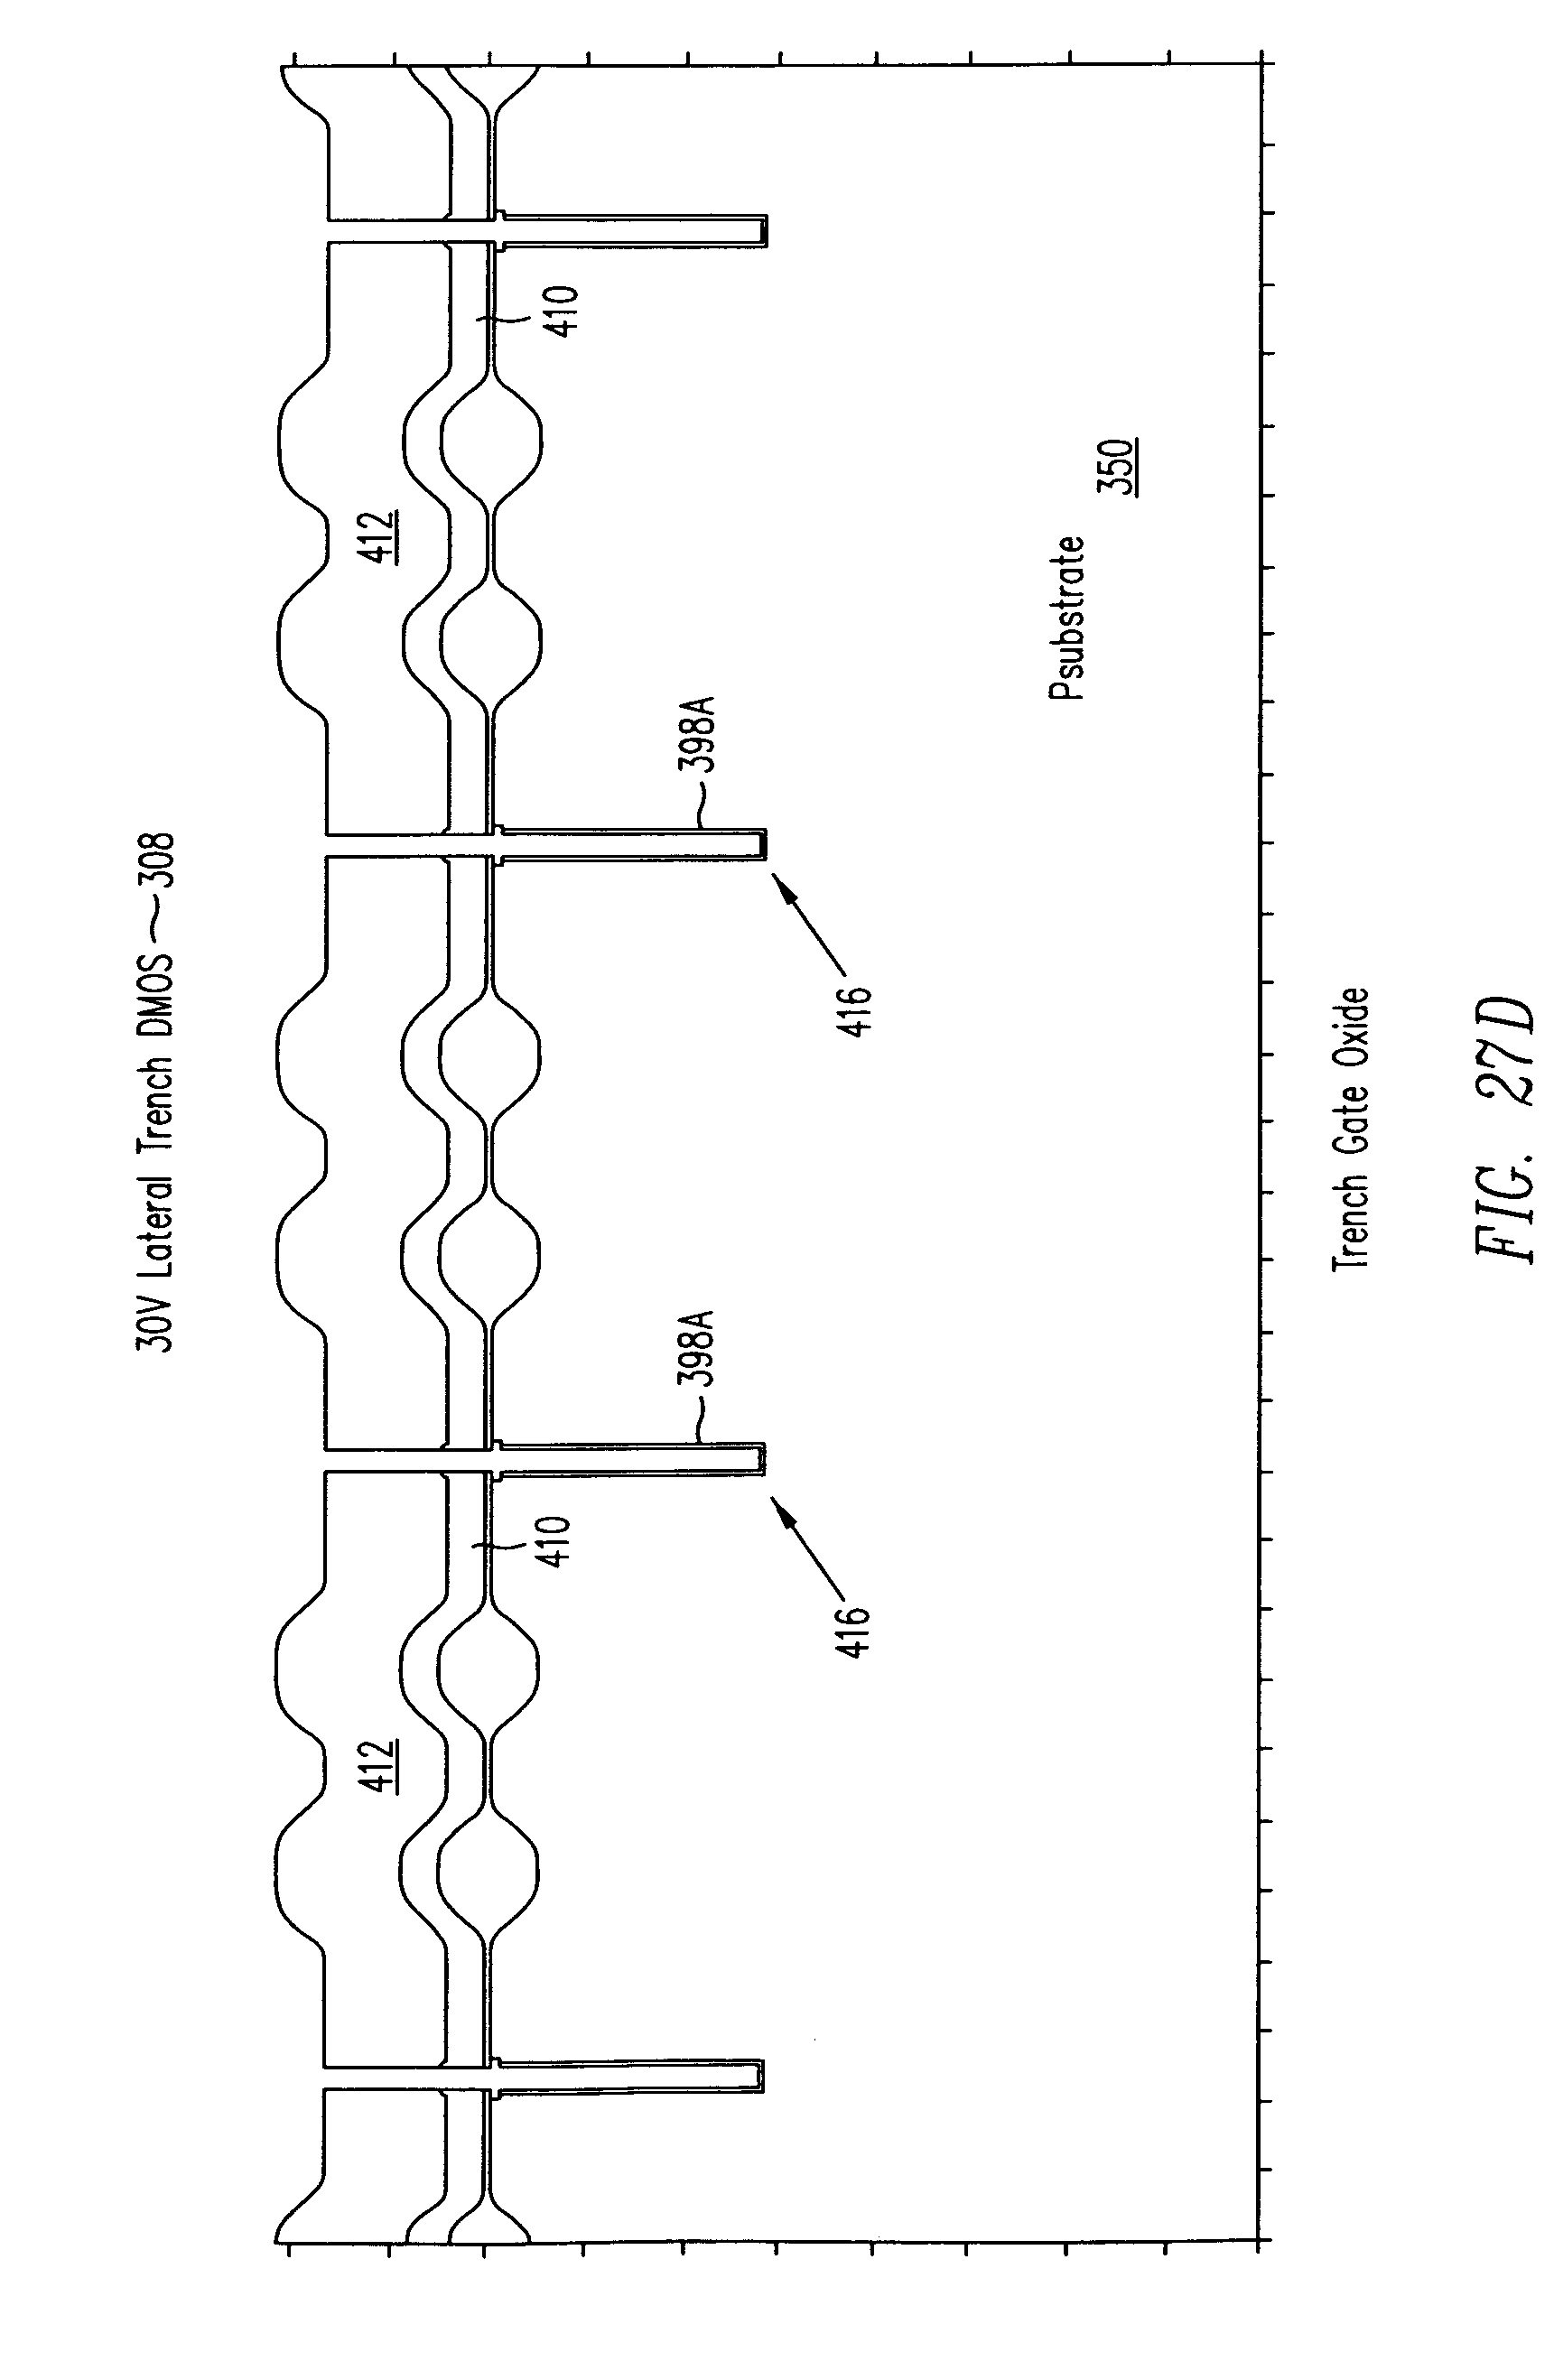 三菱plc电源模块strg6651电路图